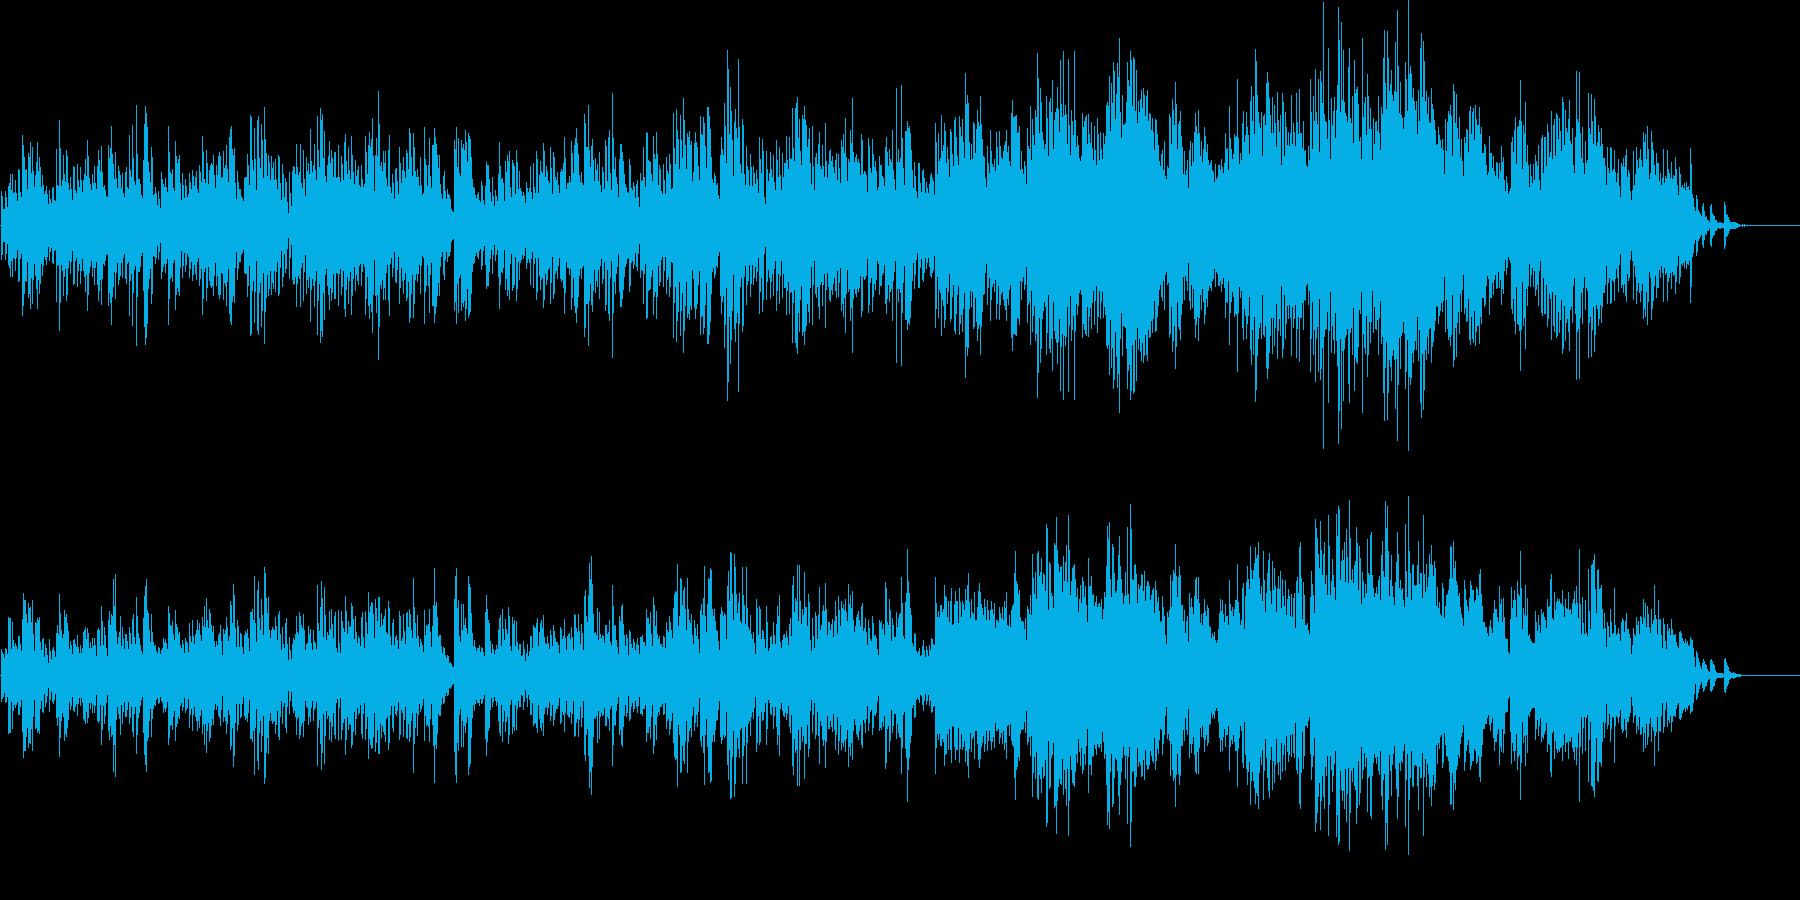 完全なるクラシックピアノとヴォイスの再生済みの波形